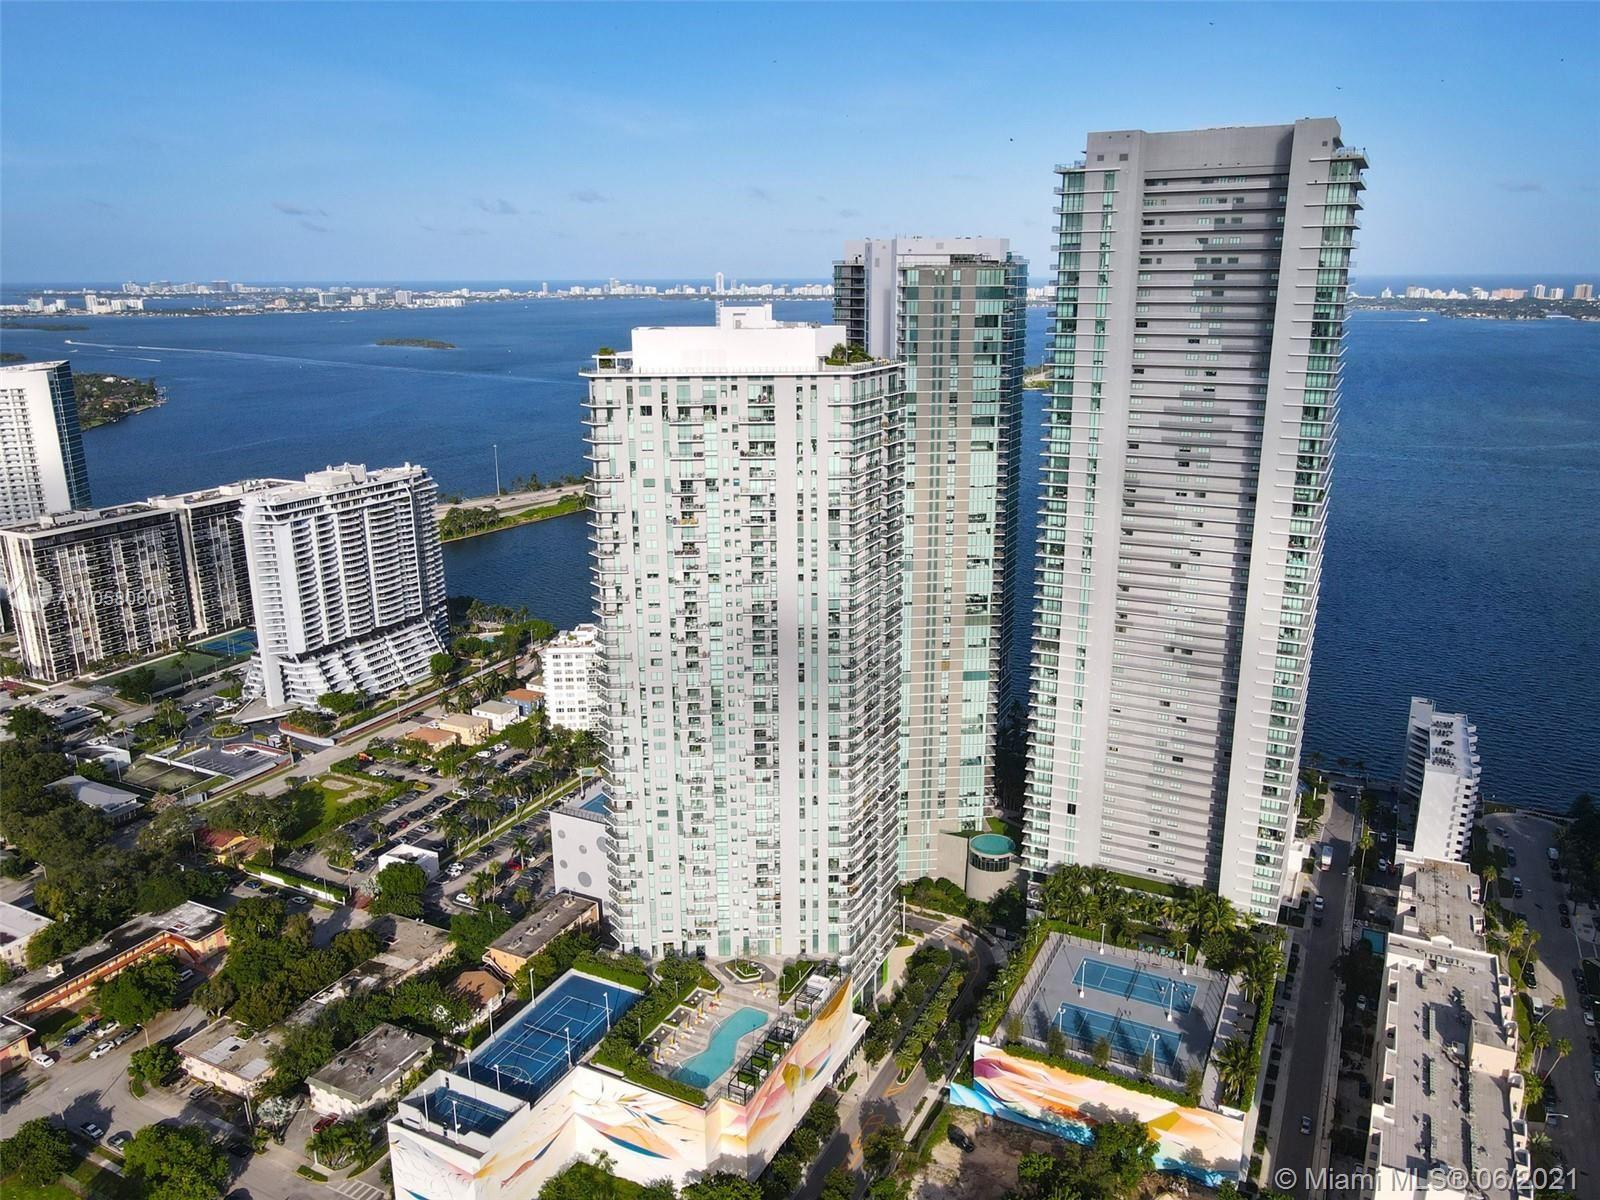 480 NE 31st St #1603, Miami, FL 33137 - #: A11058060